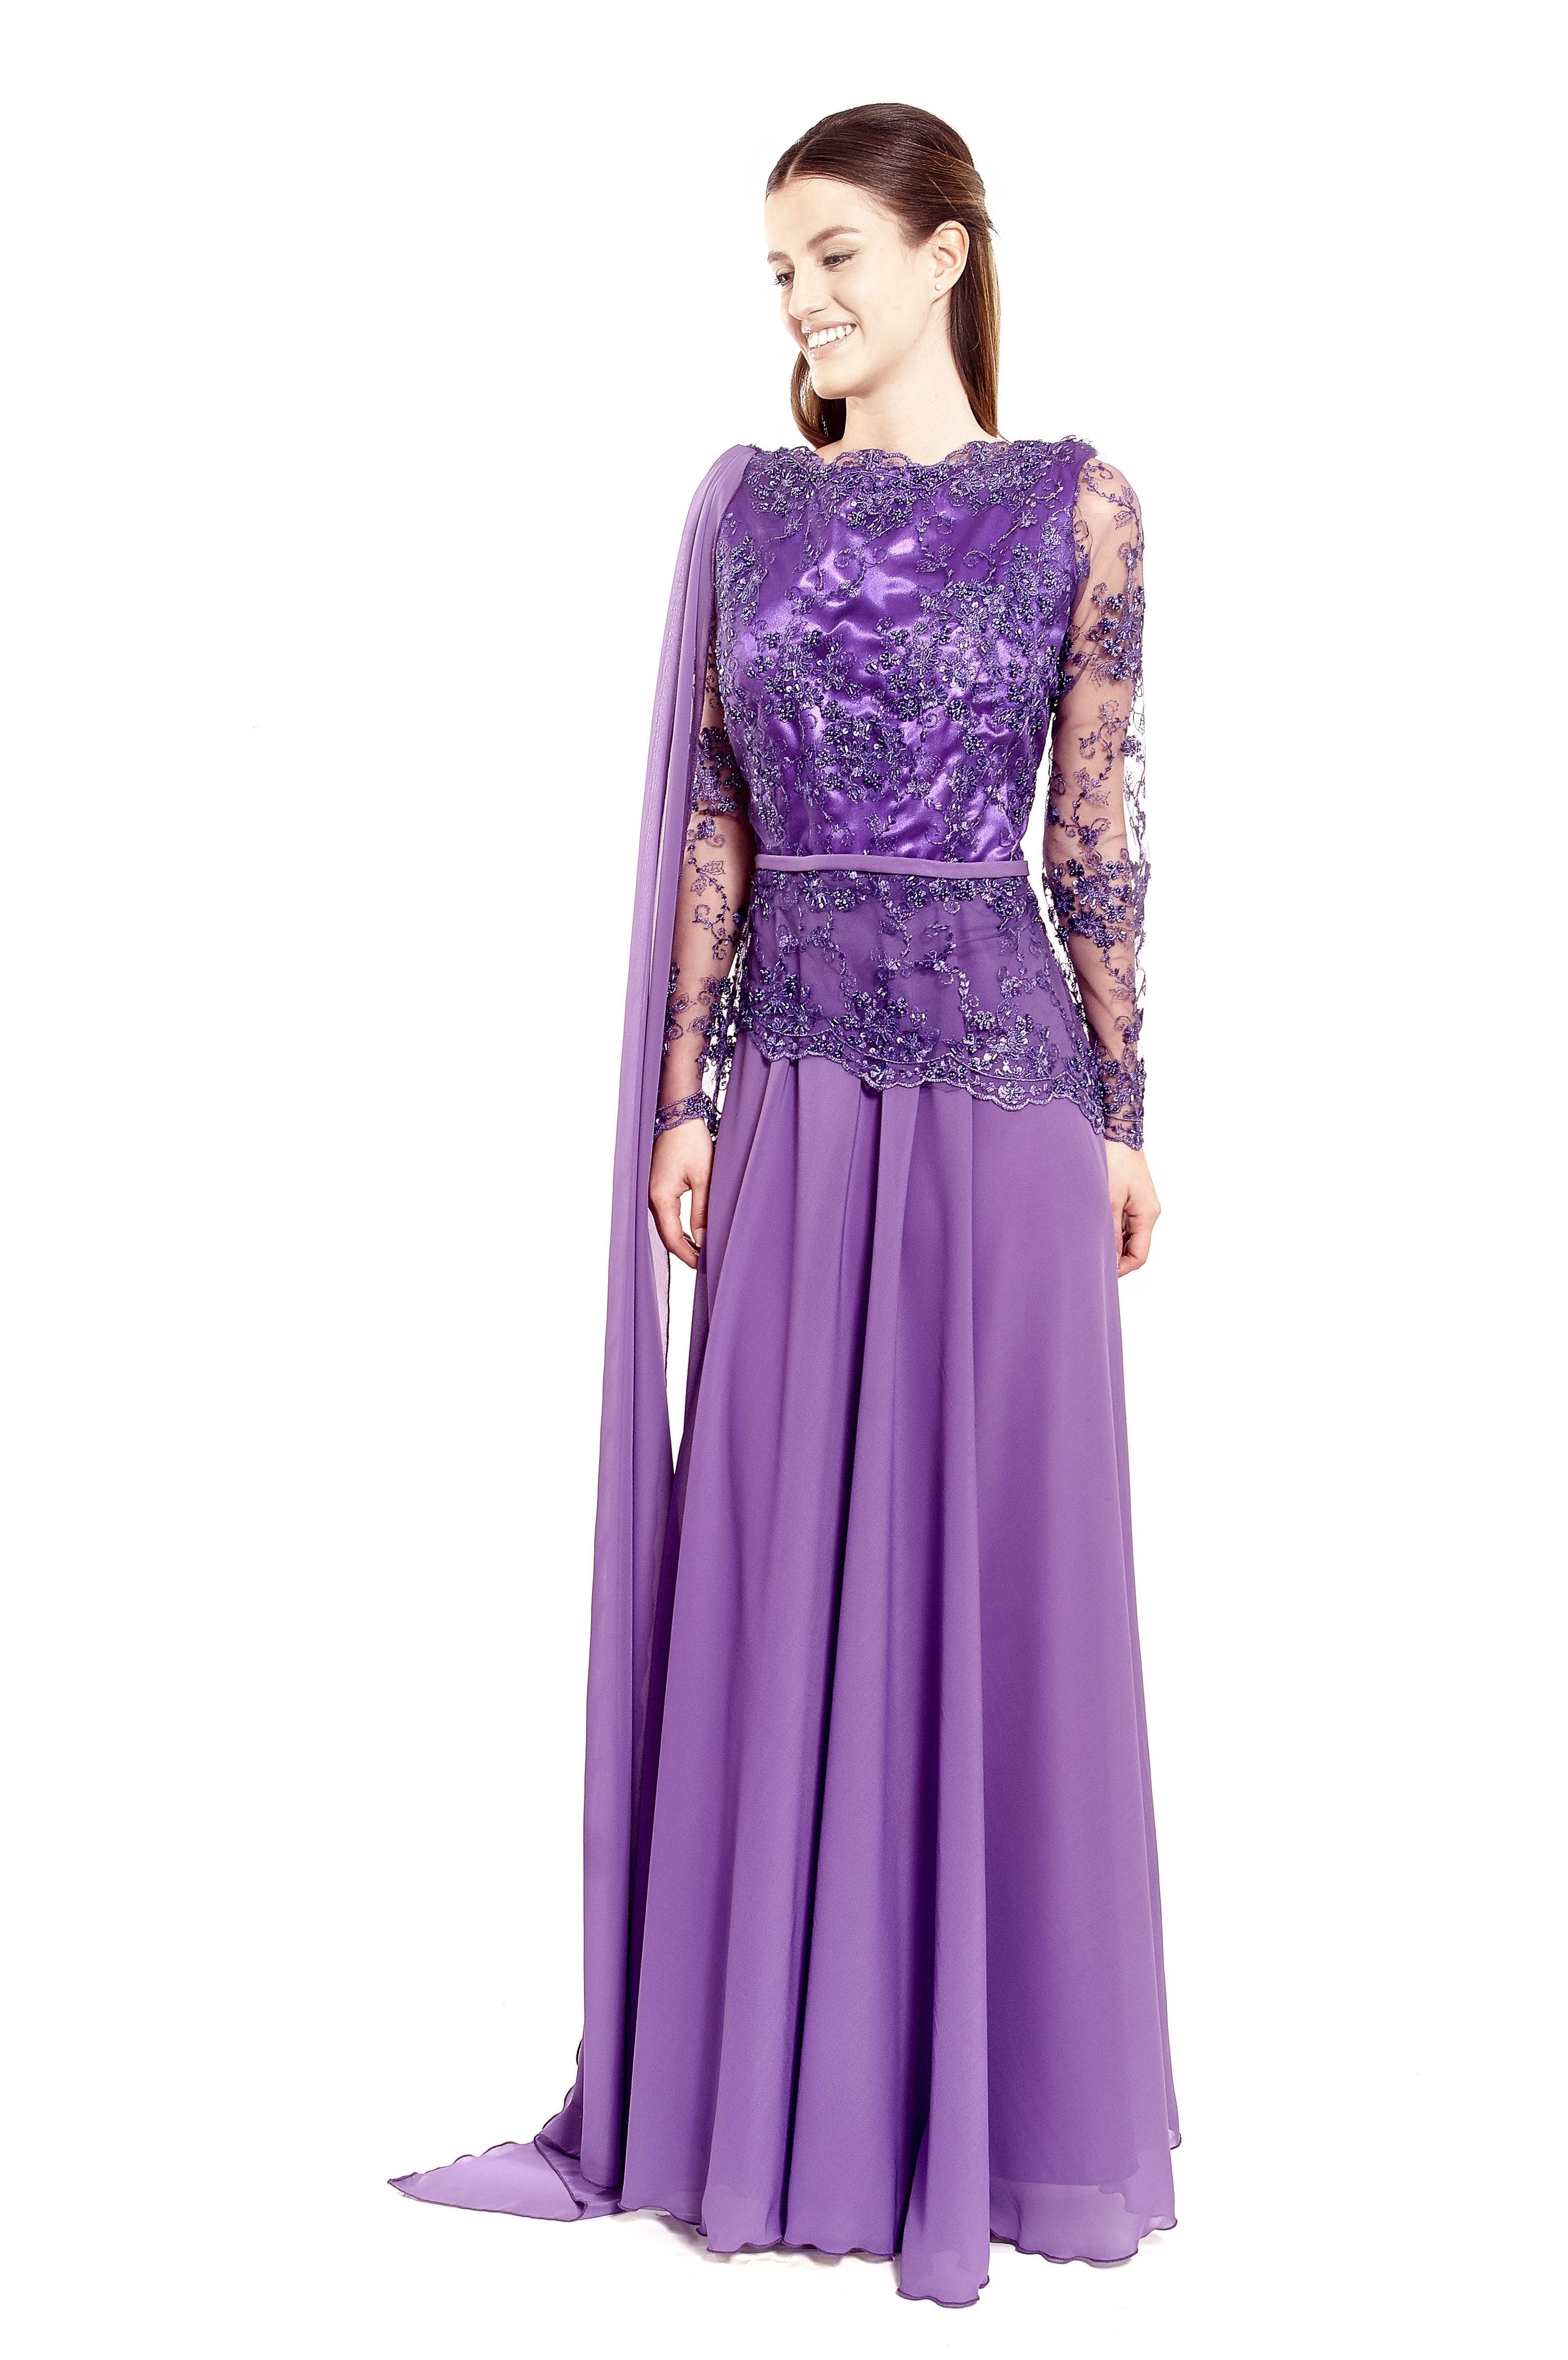 Vestido lila de gasa, con encajes | Vestidos de Fiesta Largos ...